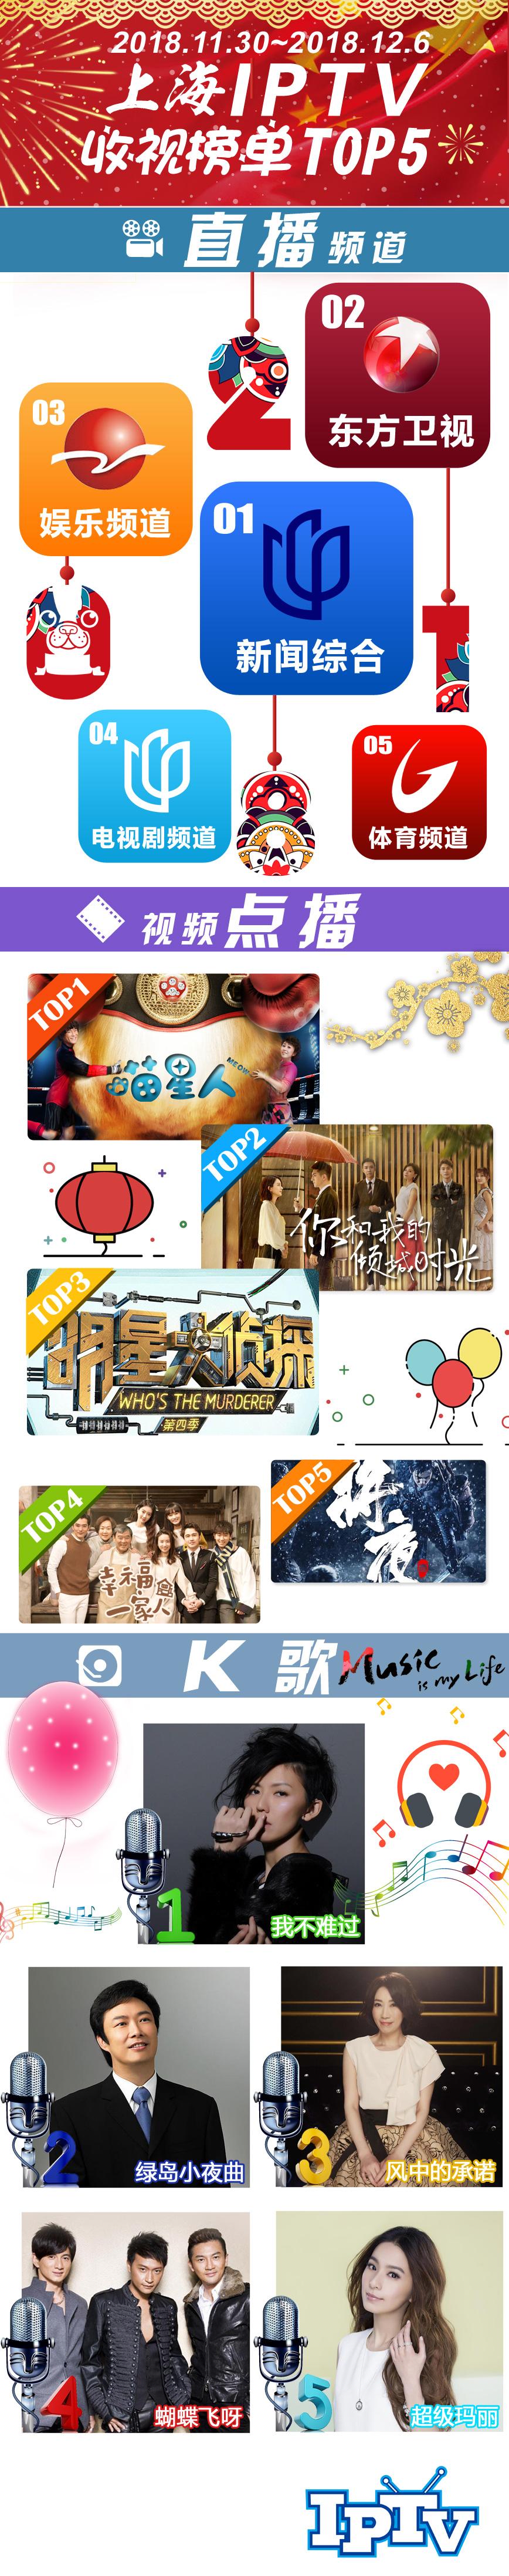 2018微博-上海IPTV收视榜单TOP5181207.jpg